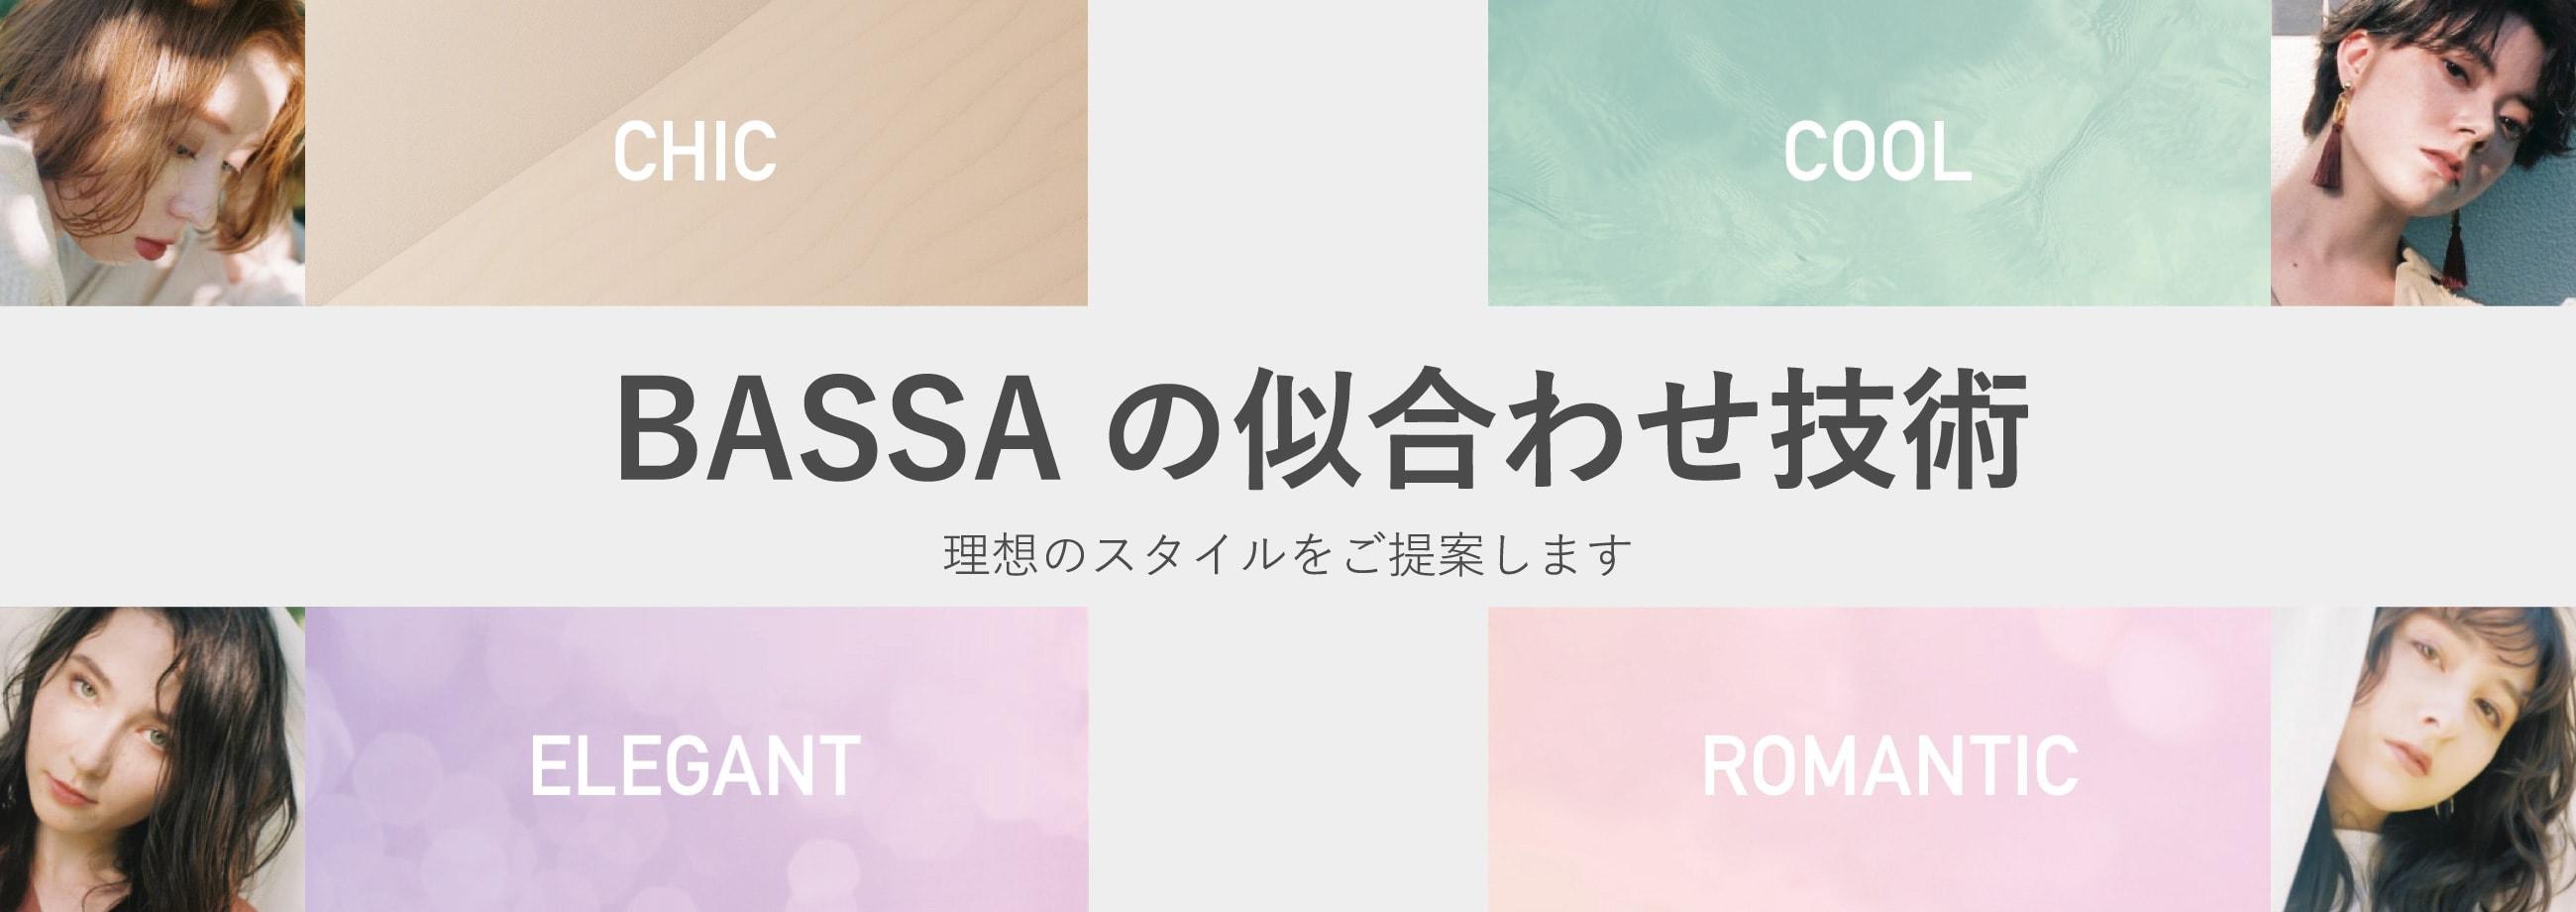 BASSAの似合わせ技術